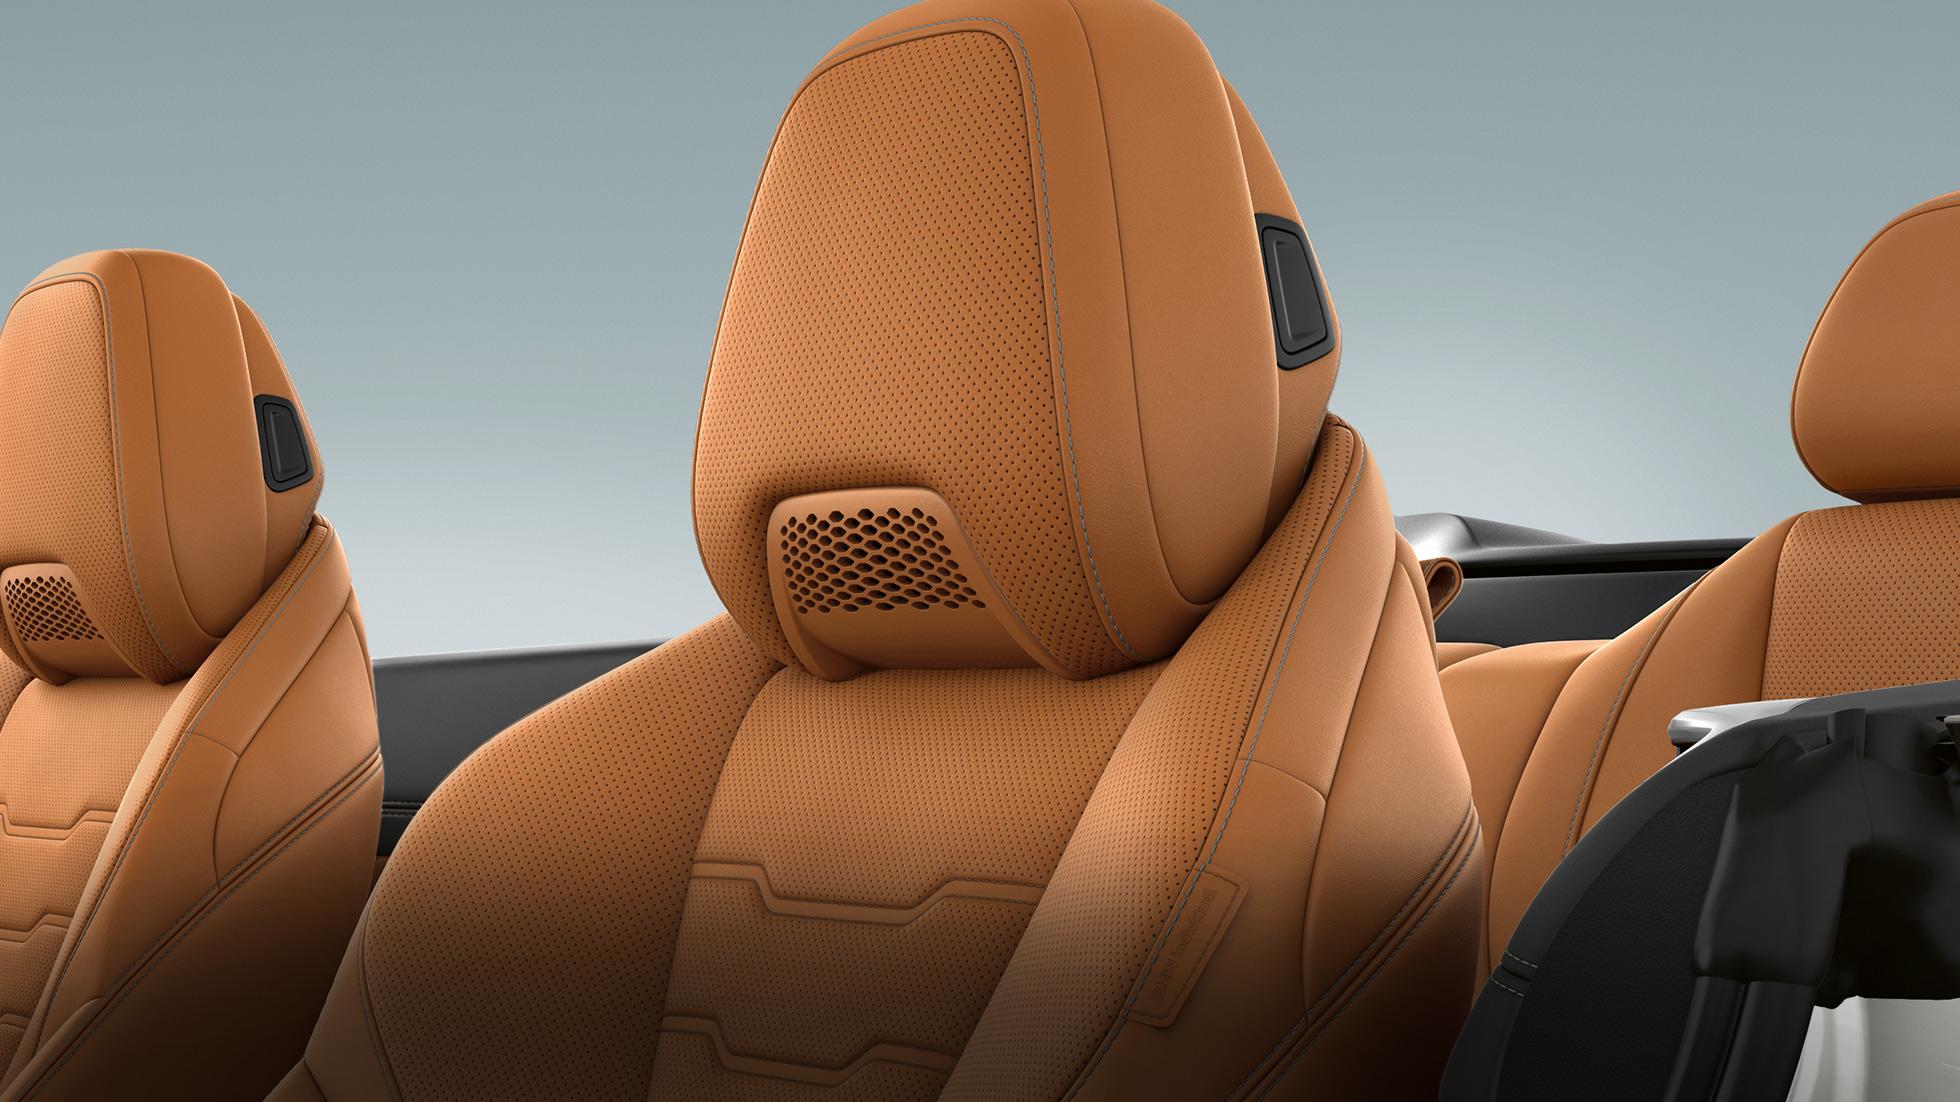 BMW M850i xDrive, многофункциональное сиденье с воздушным воротником и отделкой кожей Merino цвета Коньяк.